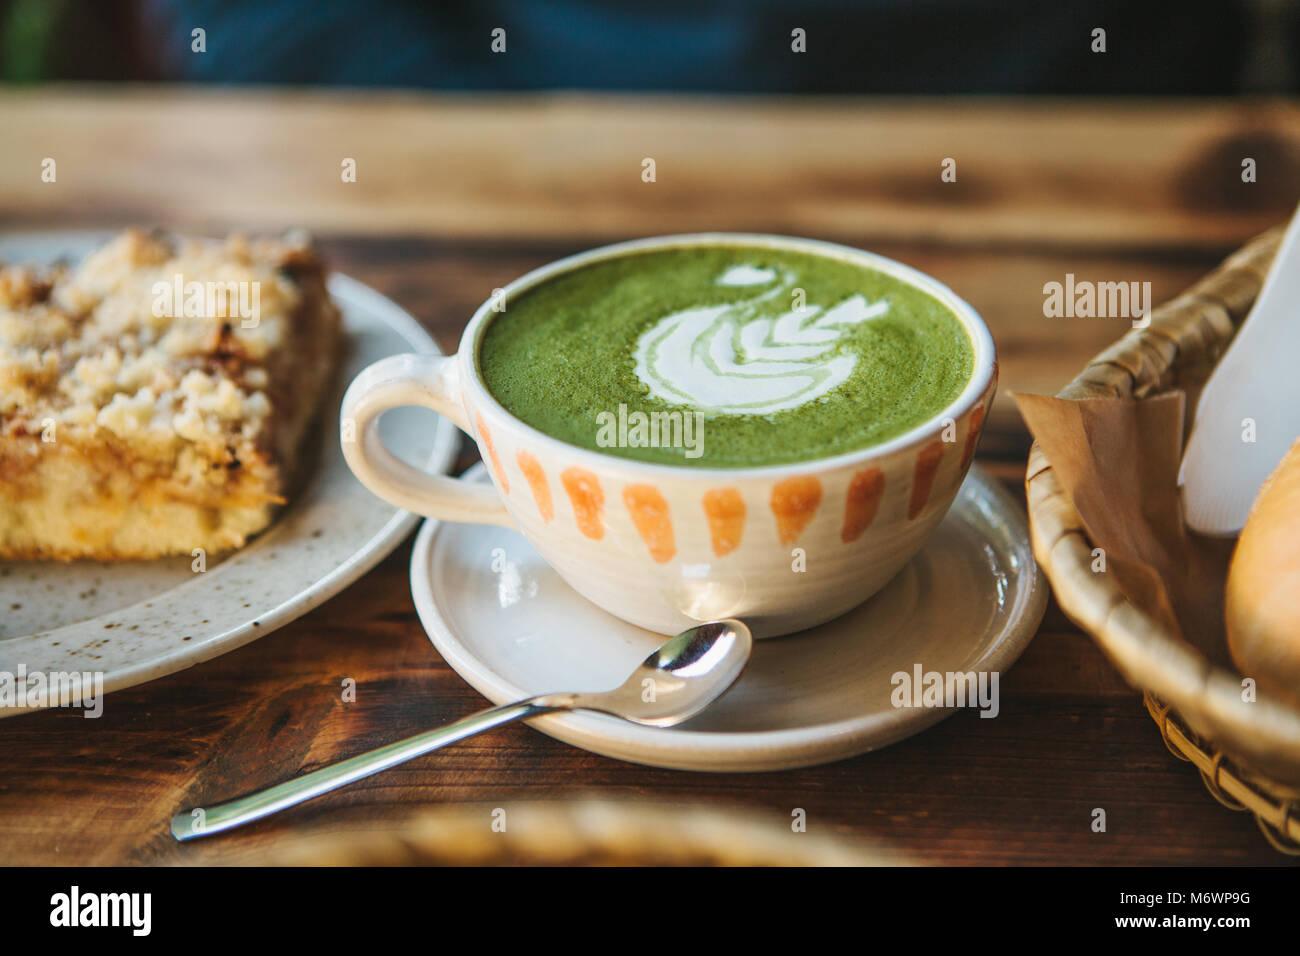 Close-up tasse en céramique avec le thé vert matcha appelé Photo Stock